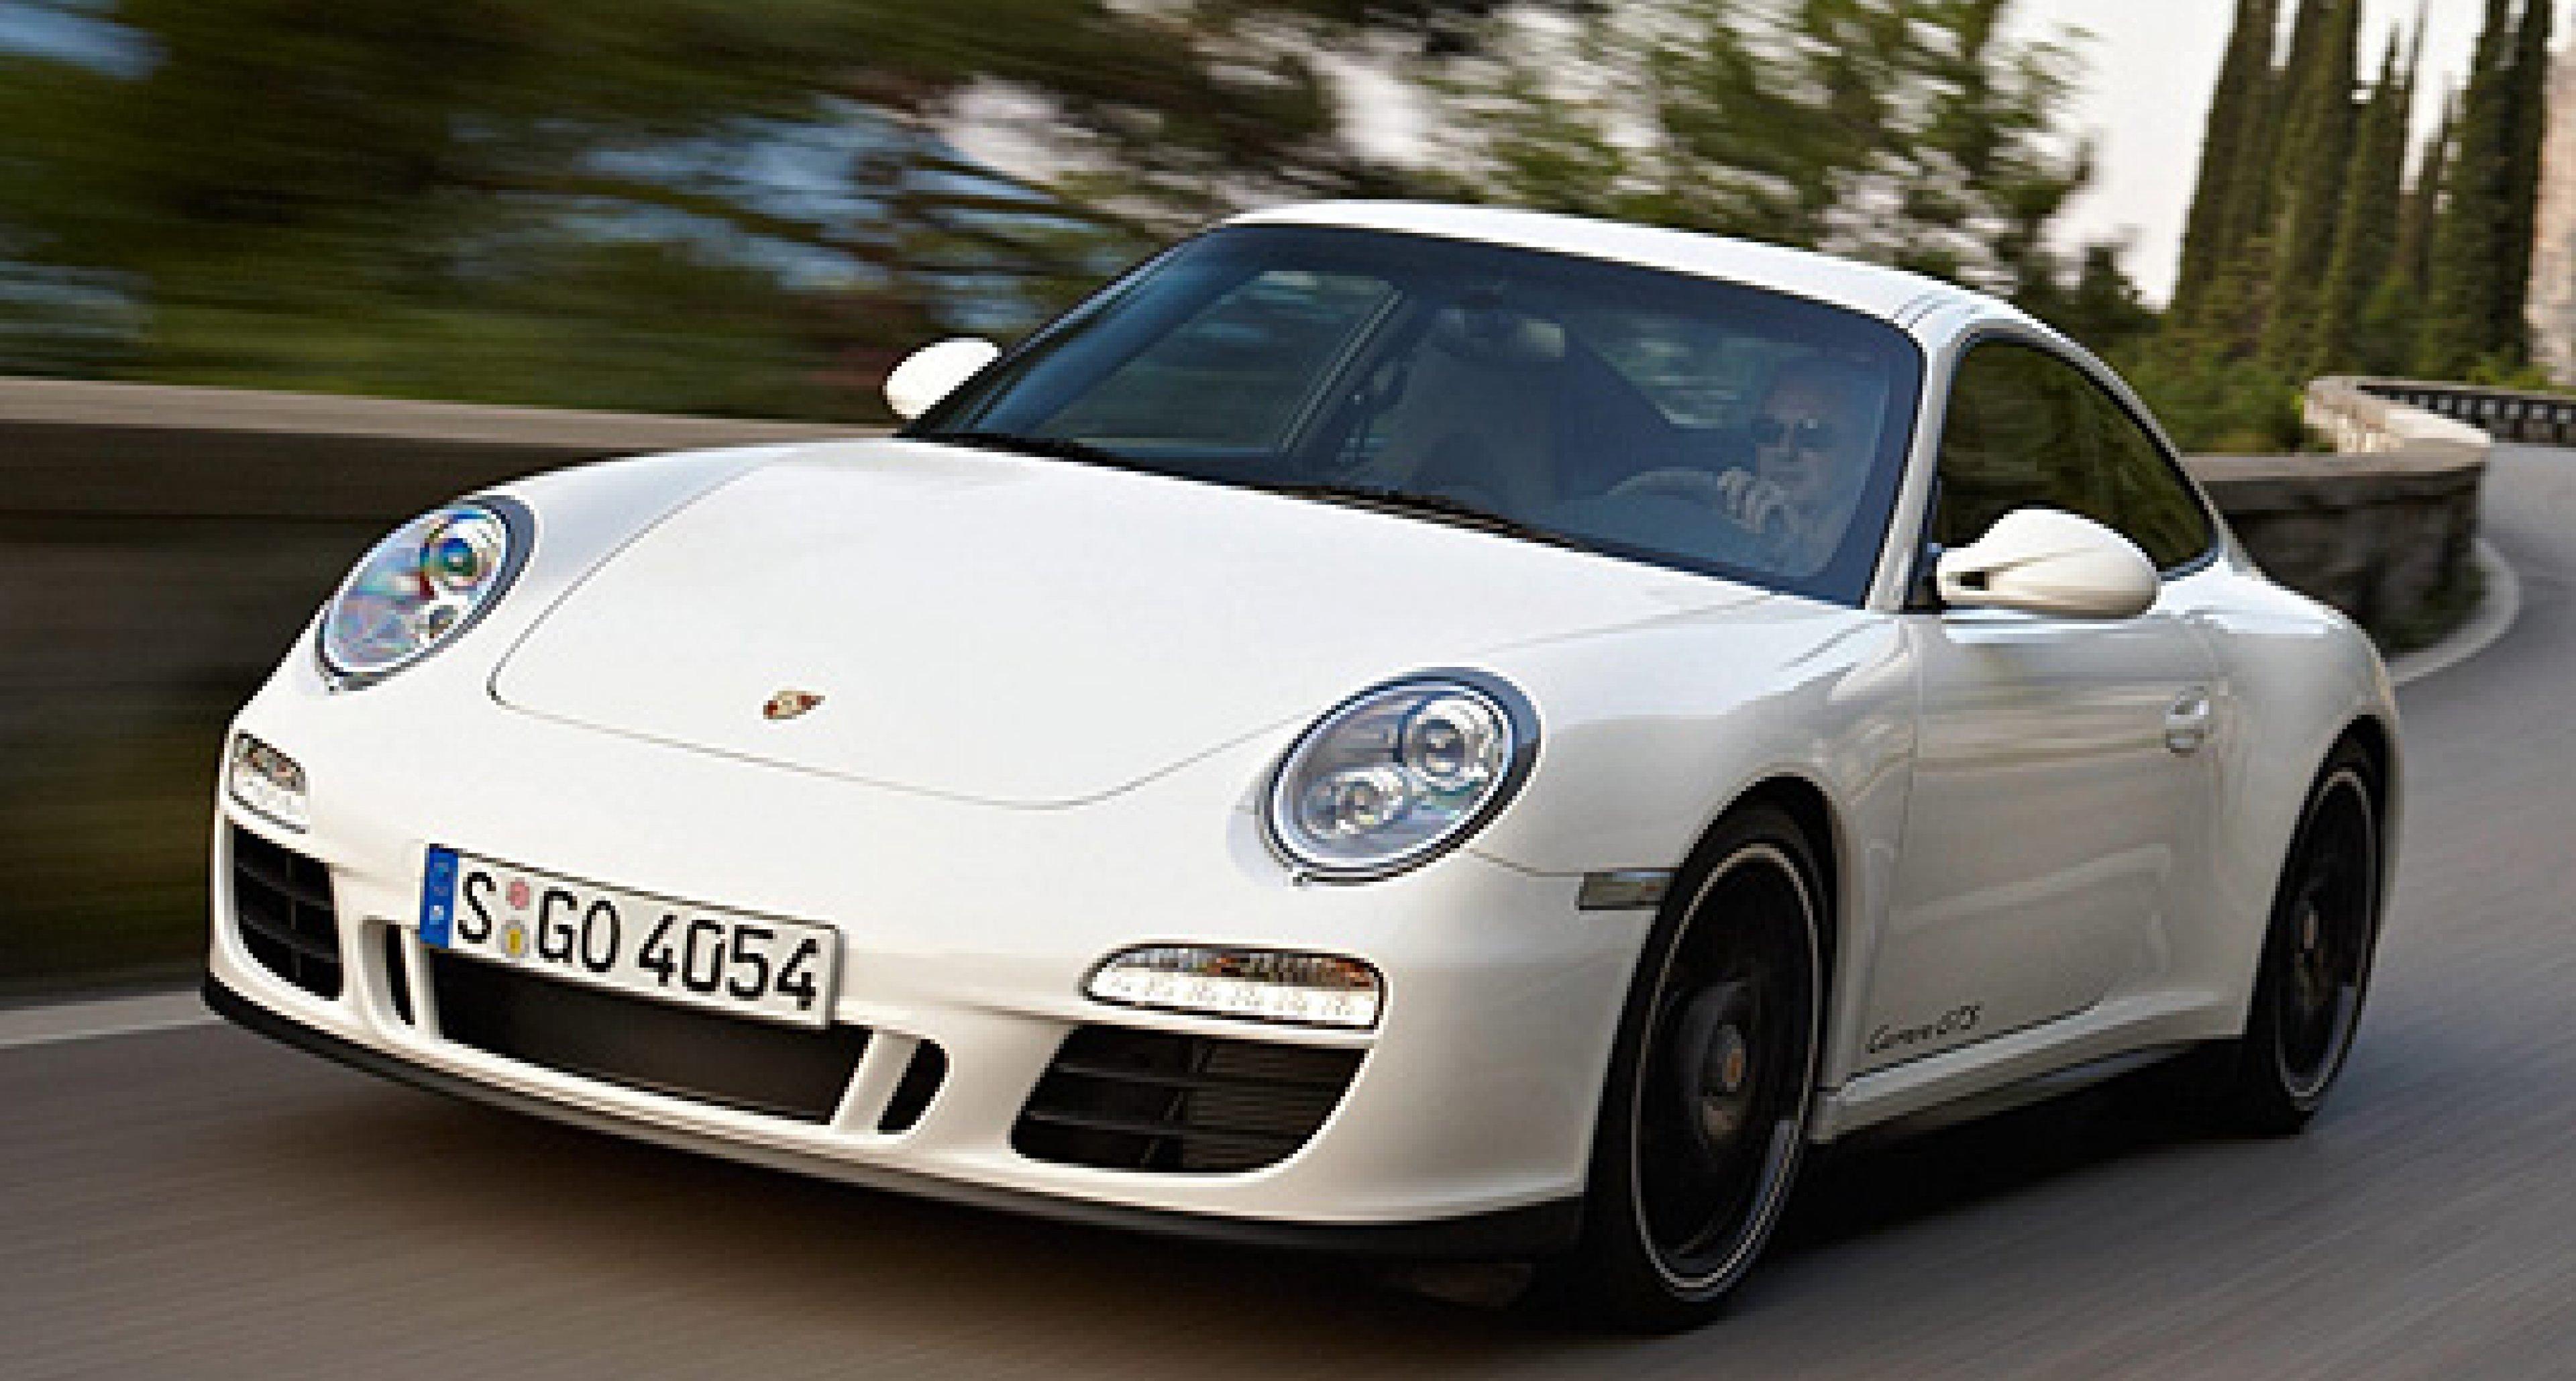 Restwert-Prognose: Porsche 911 auf Platz 1